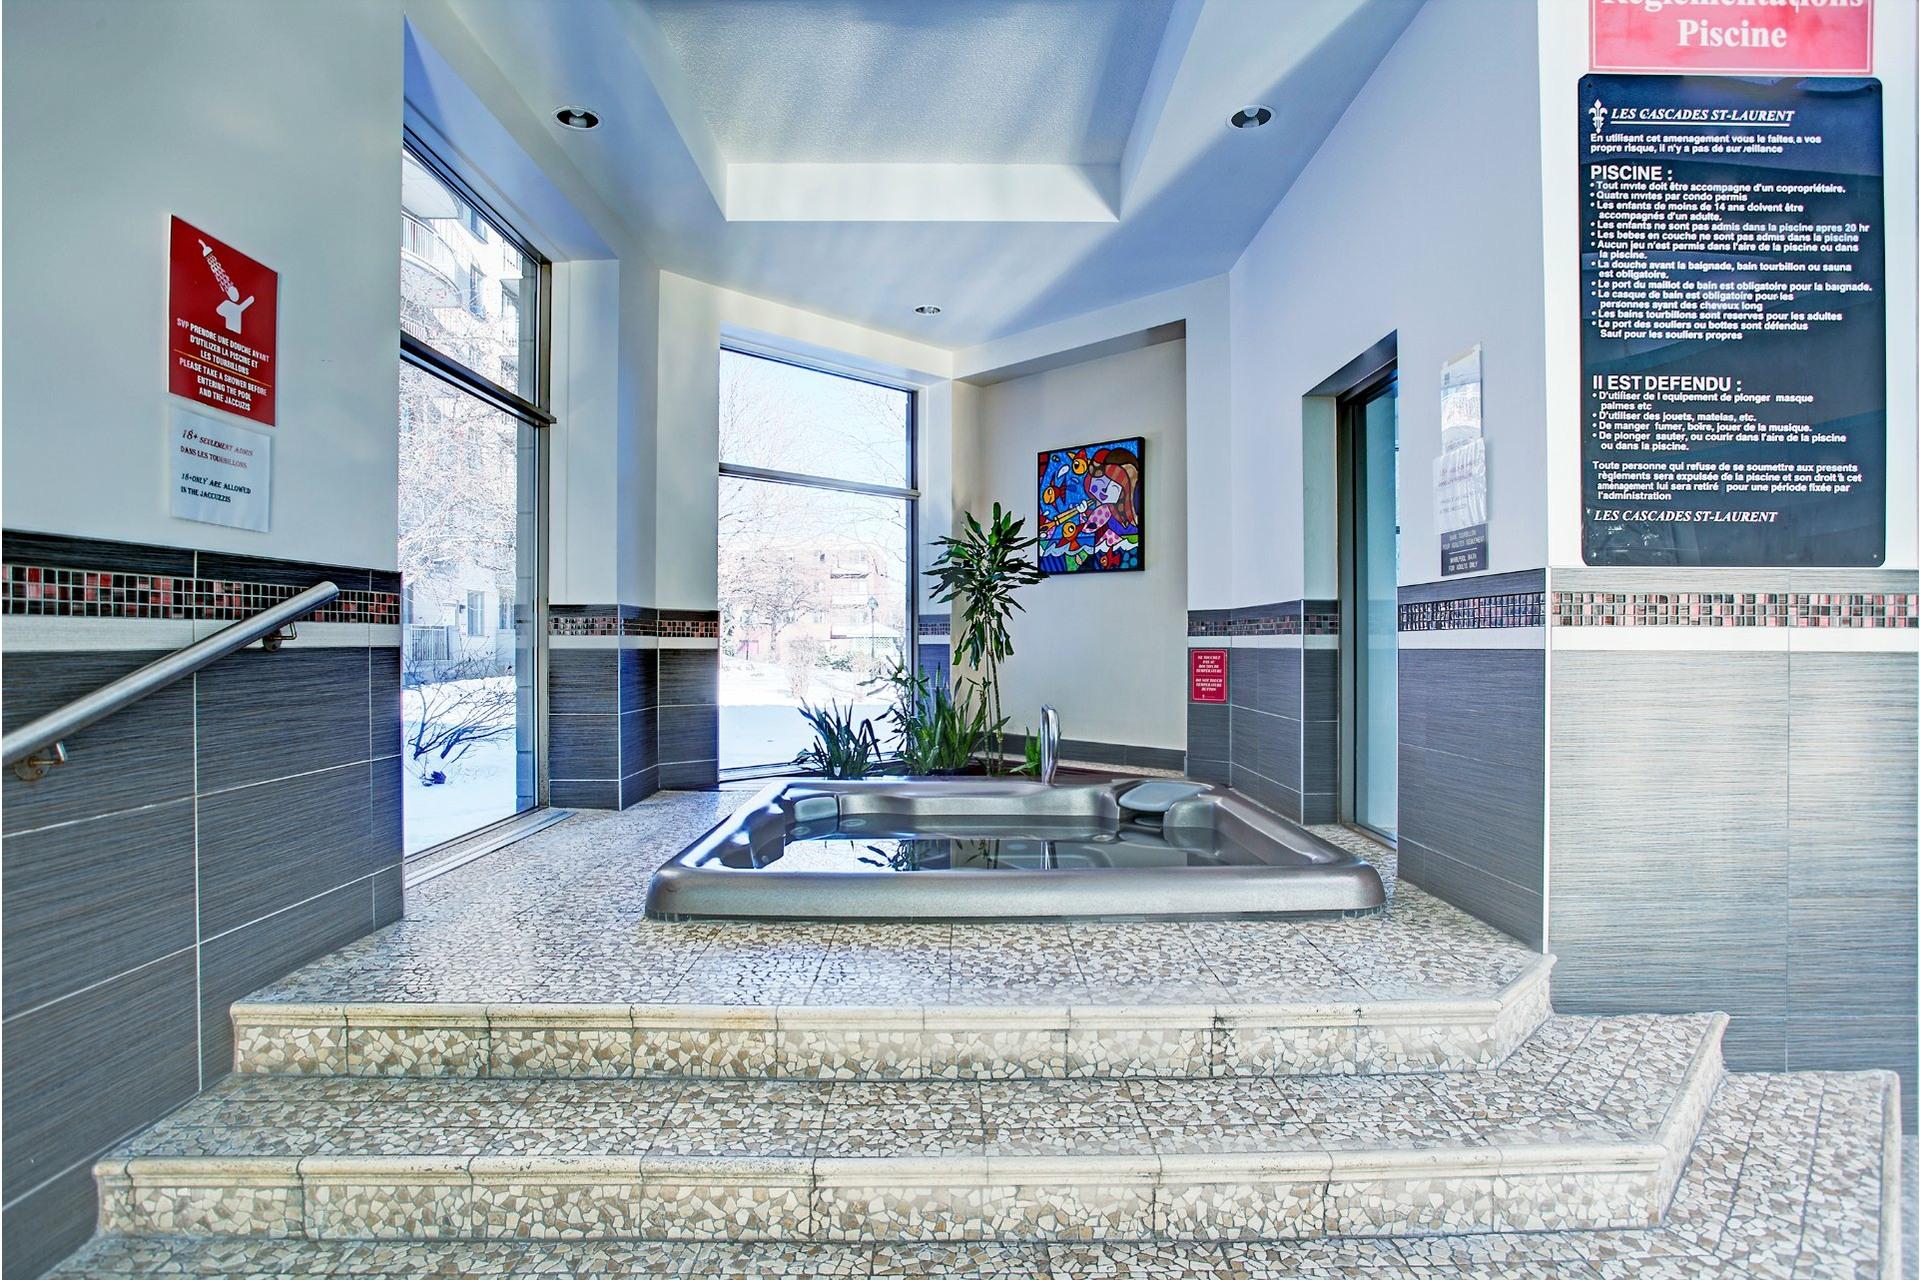 image 31 - Apartment For rent Saint-Laurent Montréal  - 8 rooms